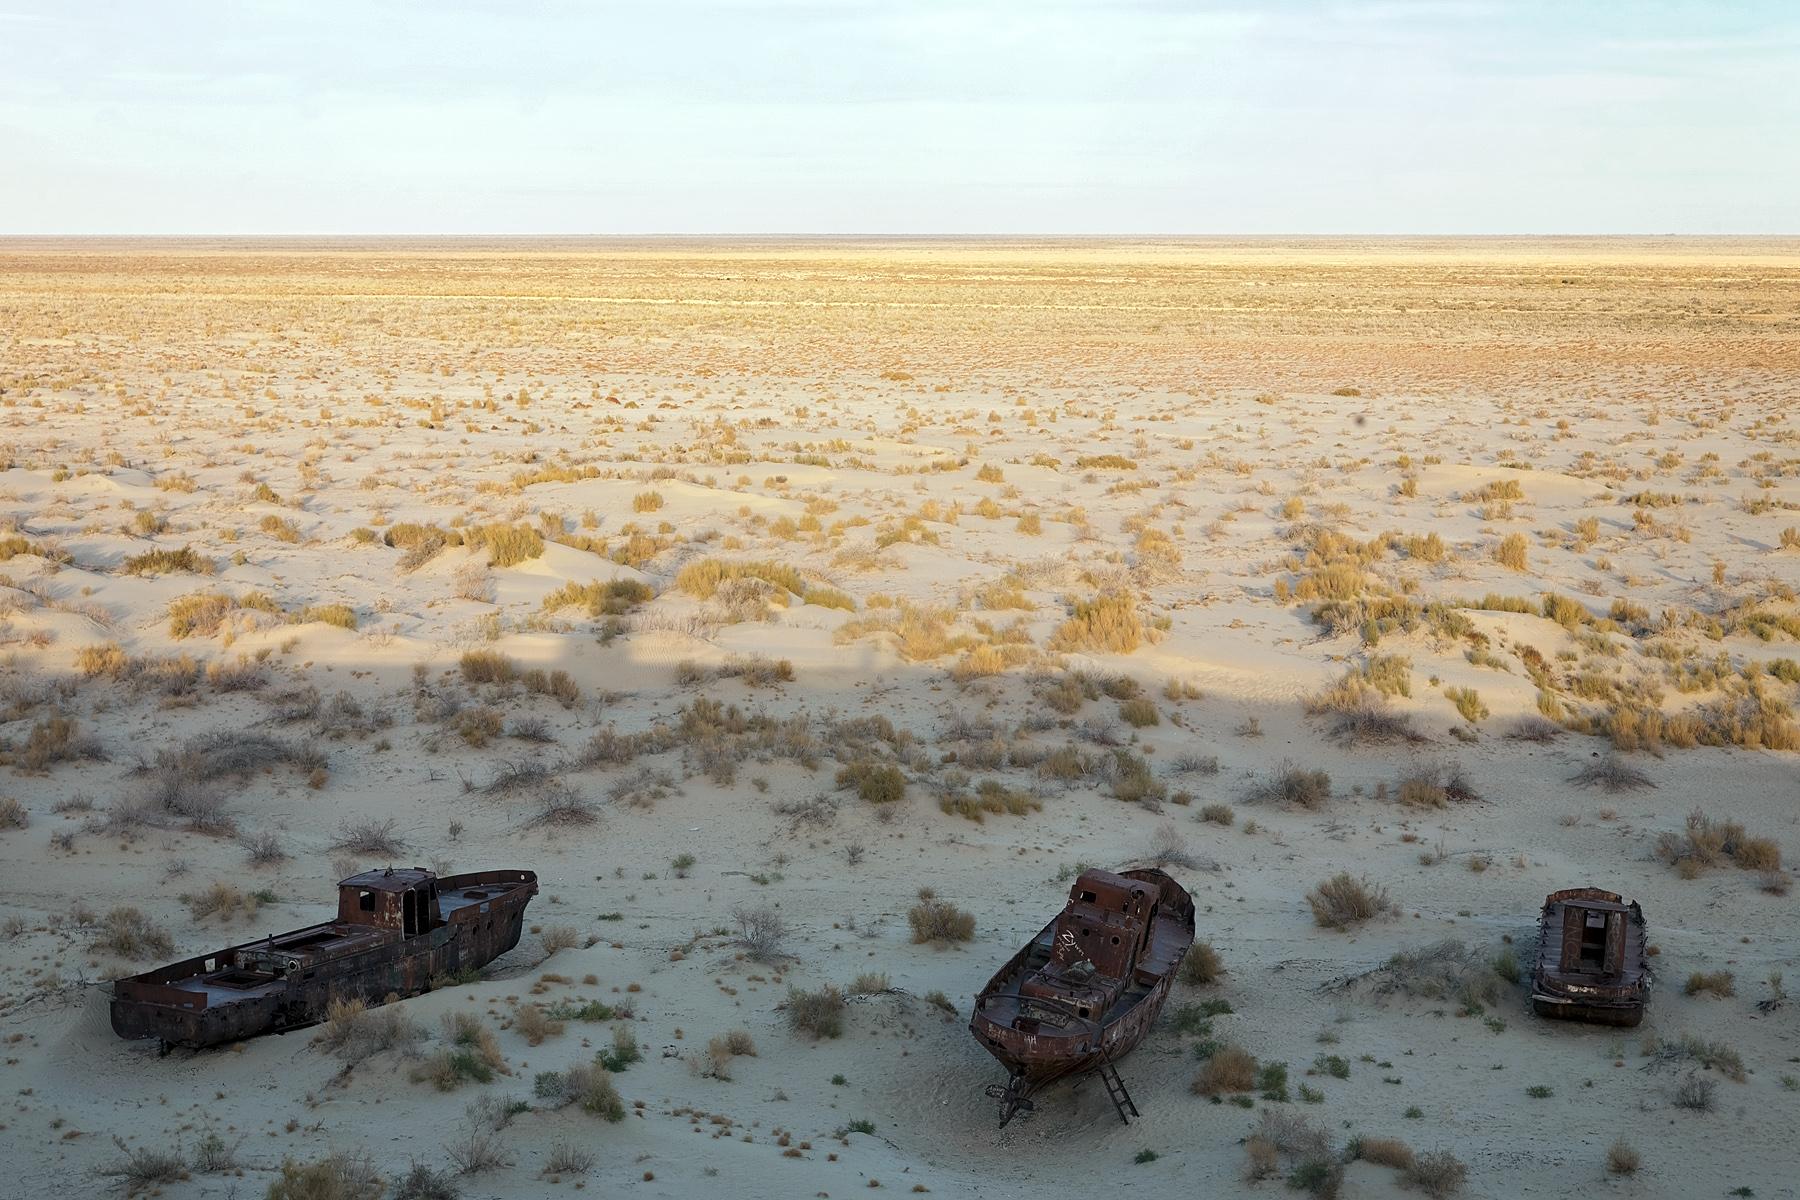 Schiffswracks auf dem ehemaligen Seeboden des Aral-Sees